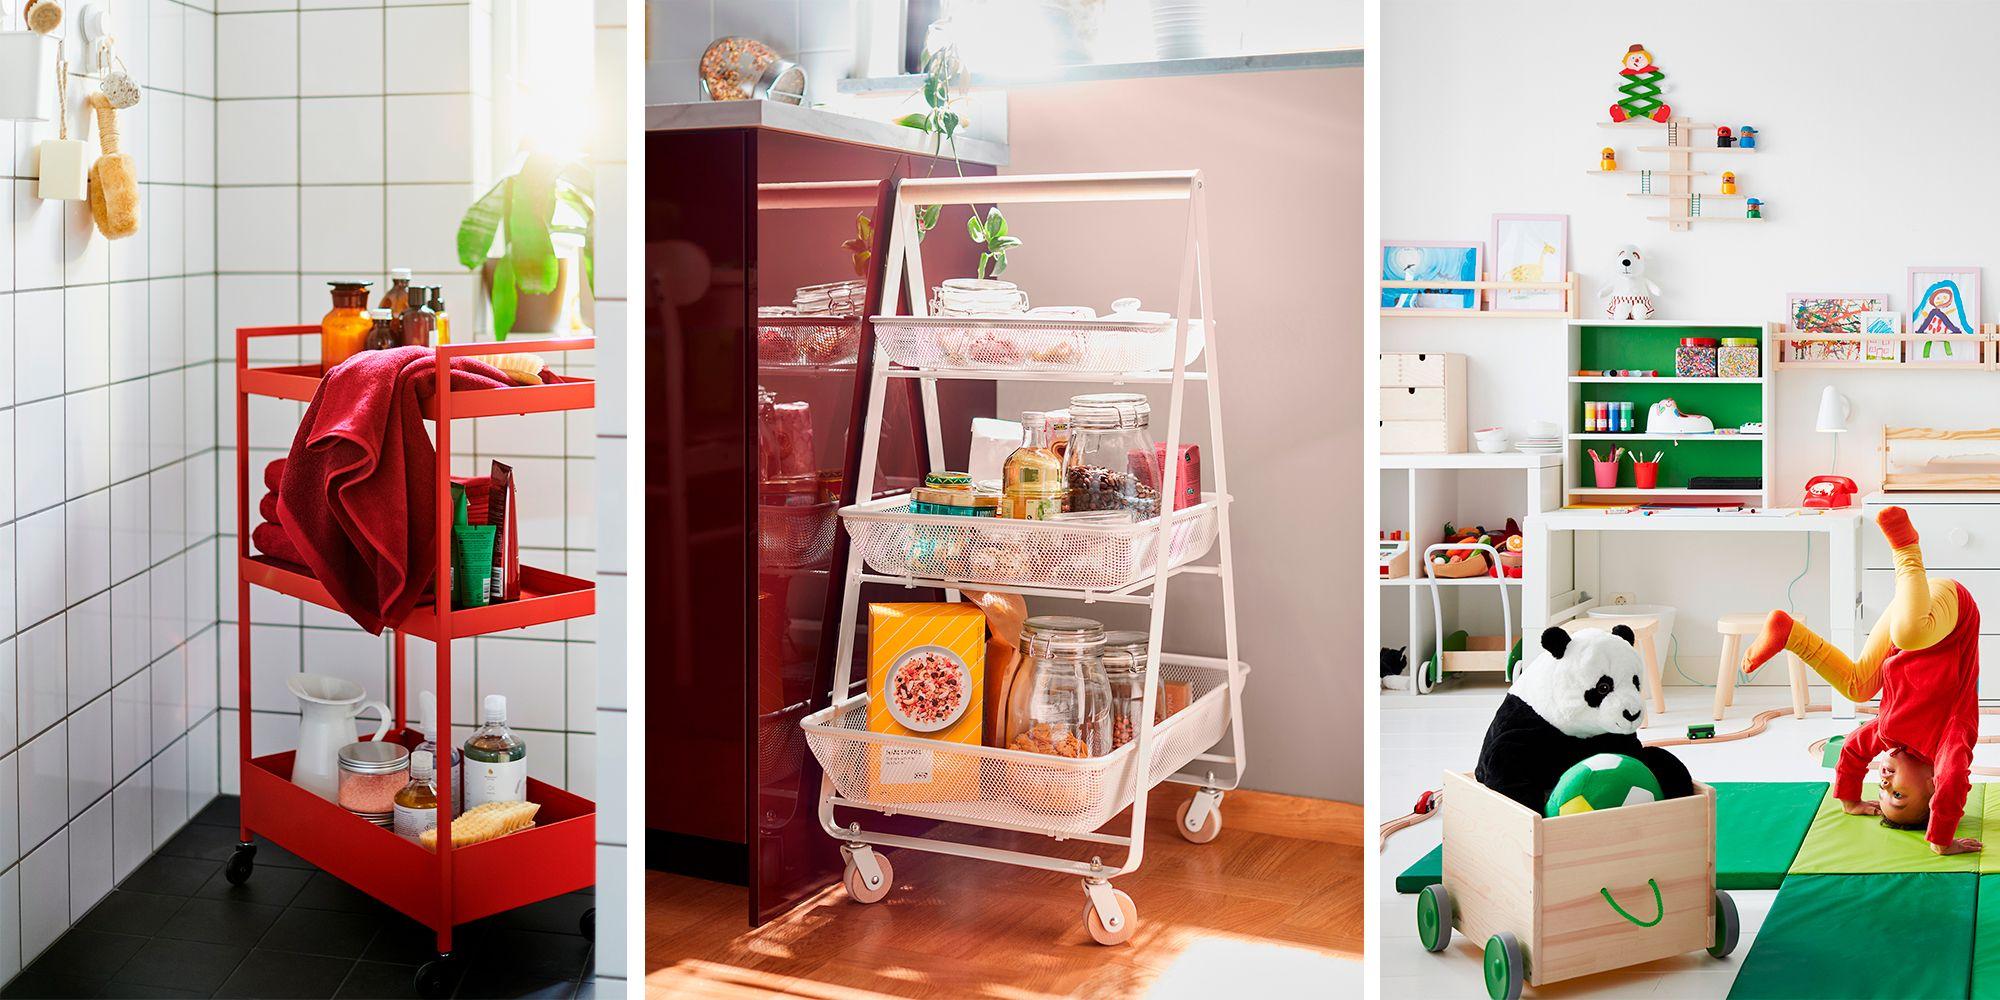 La pieza estrella del nuevo catálogo de Ikea: el carrito auxiliar